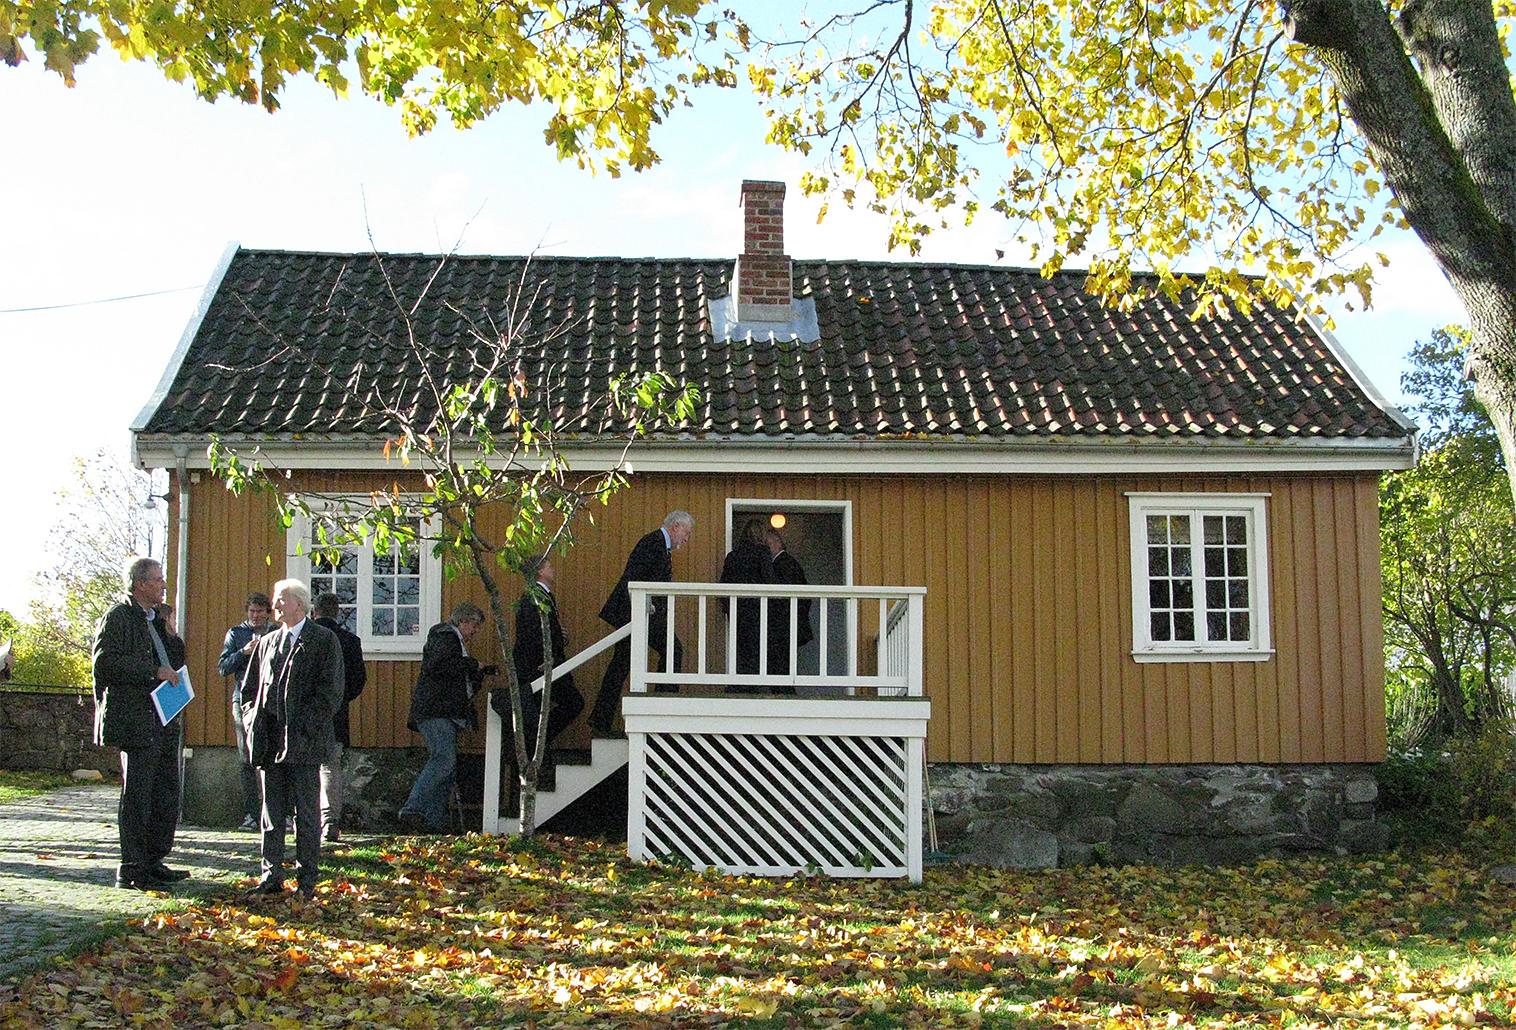 Bolighusets østfasade mot hagen. Foto: Ingeborg Magerøy Riksantikvaren